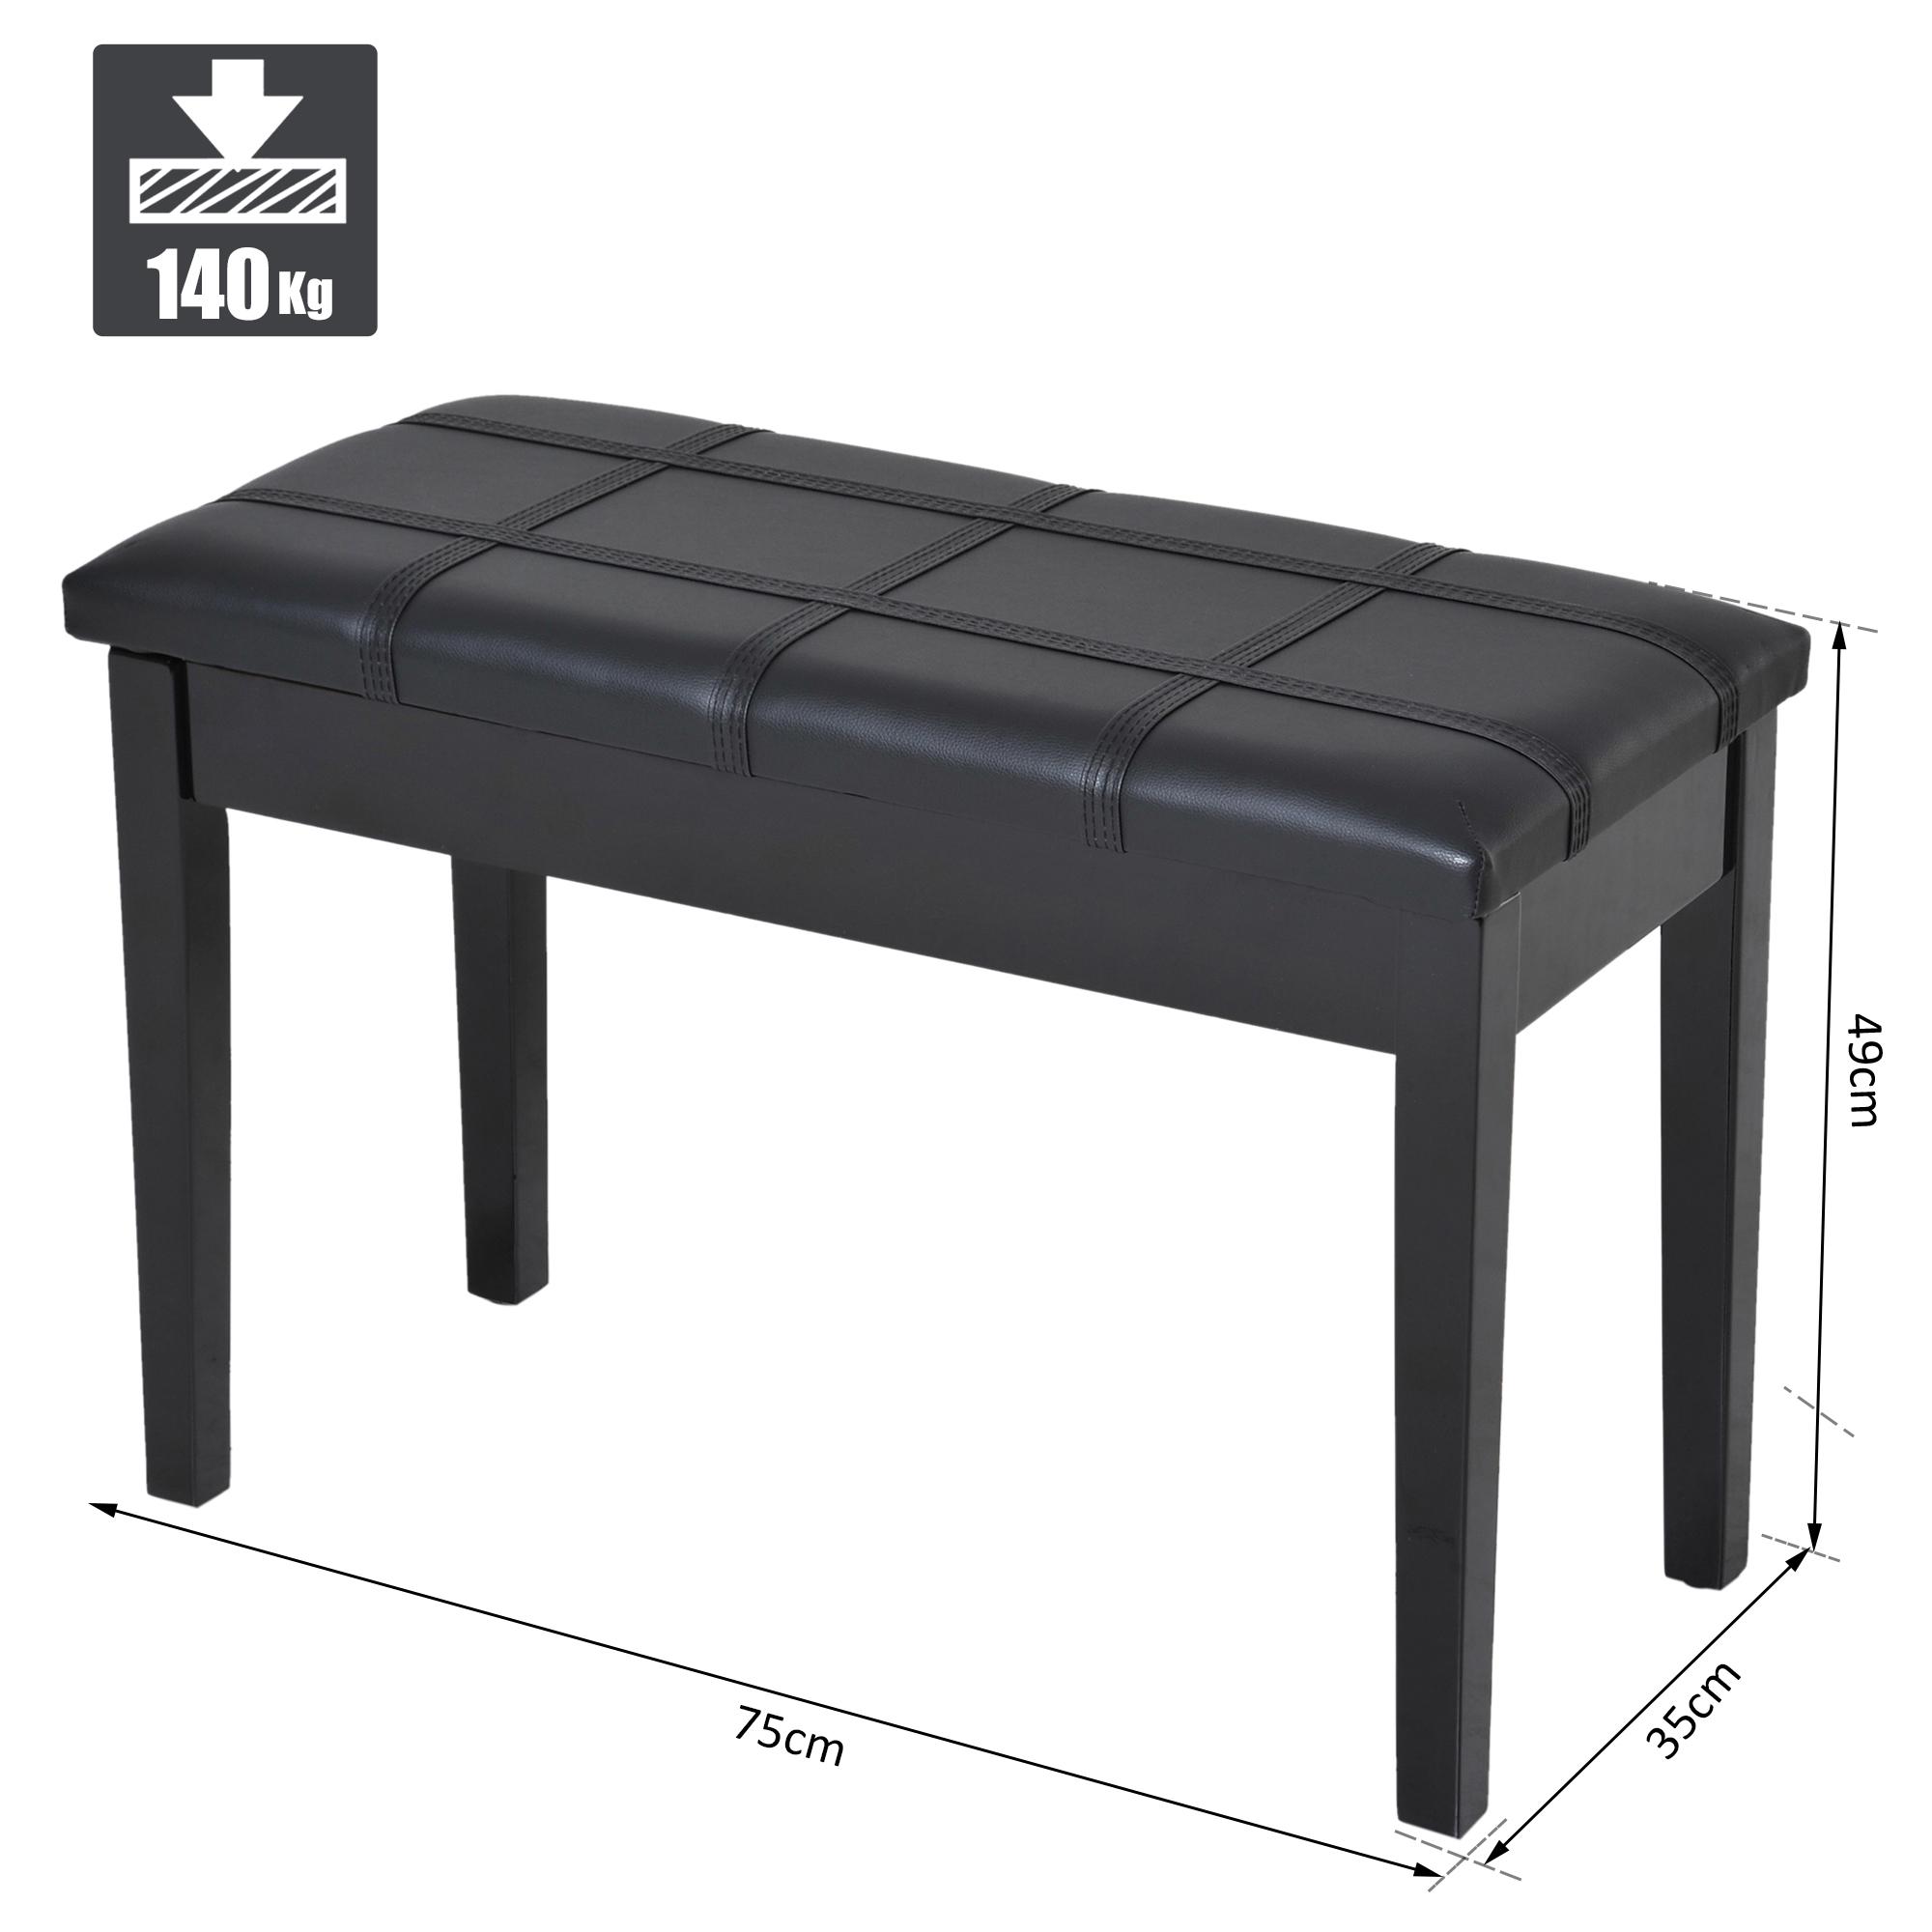 Panca-Sgabello-per-Pianoforte-con-Vano-Portaoggetti-Portata-140kg miniatura 13